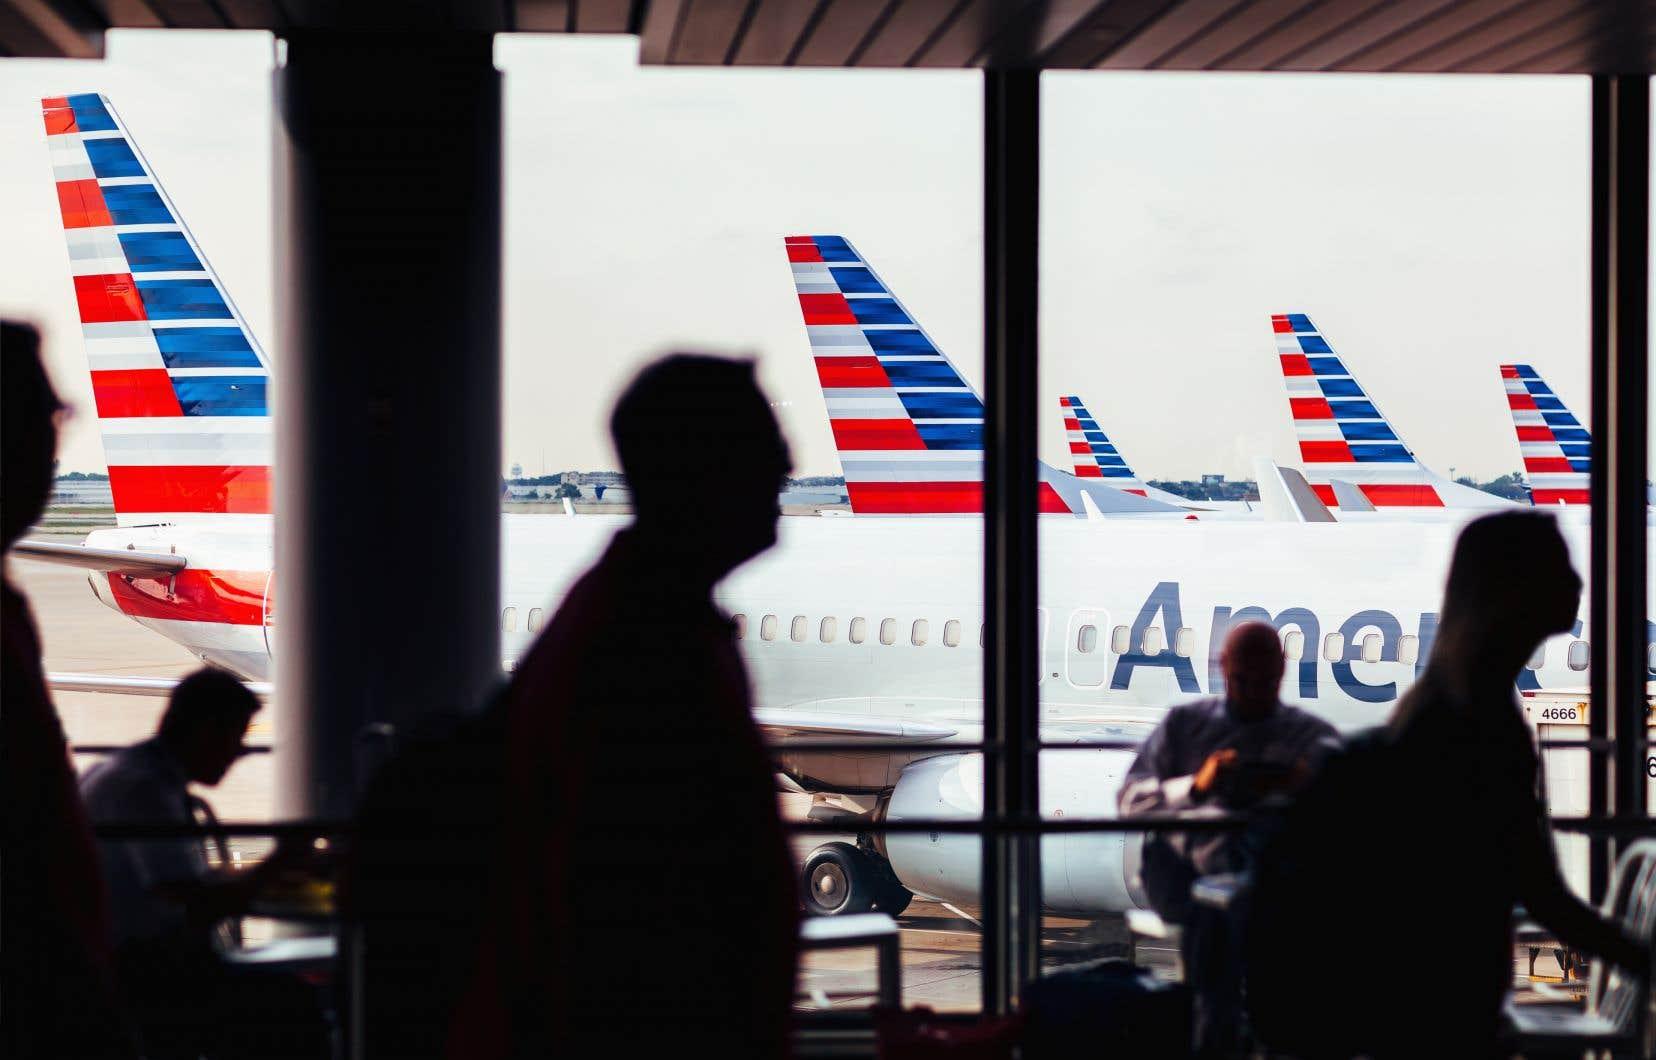 American Airlines a recommencé à remplir ses avions à pleine capacité, abandonnant certaines précautions contre la COVID-19, ce qui suscite la réprobation des autorités sanitaires au moment où la pandémie explose dans une partie des États-Unis.